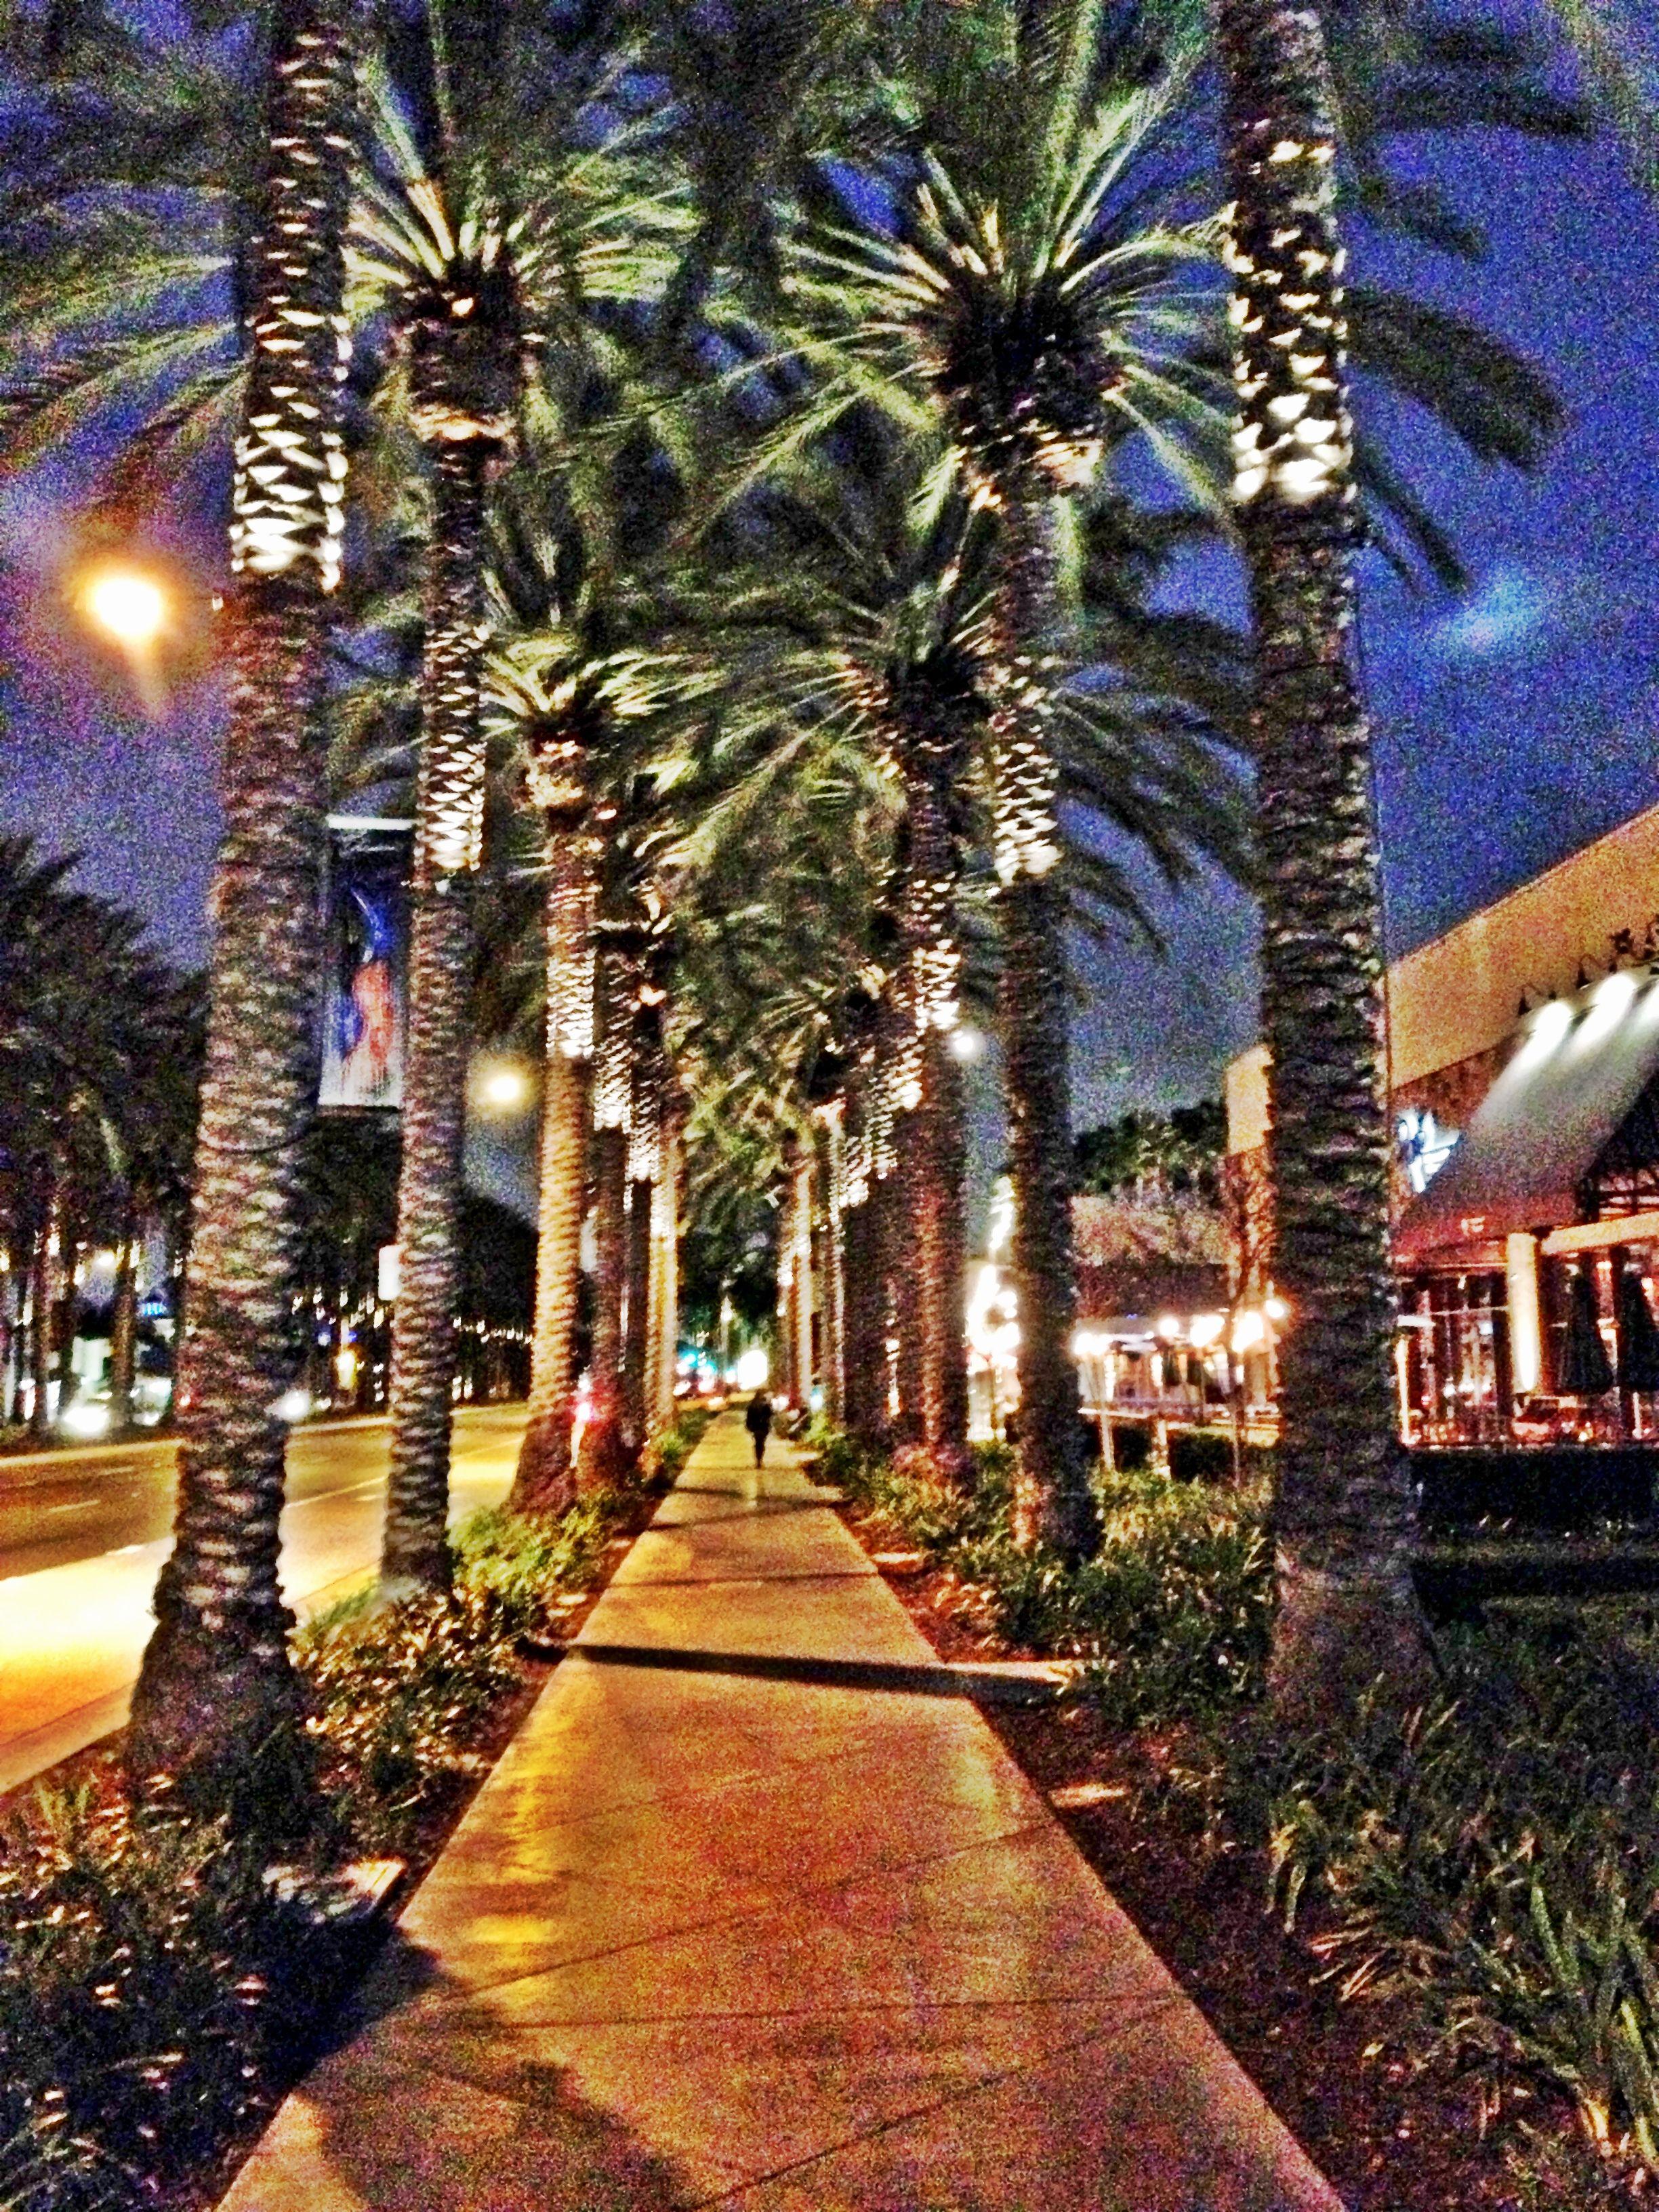 Garden Walk Mall Anaheim: The Garden Walk - Anaheim